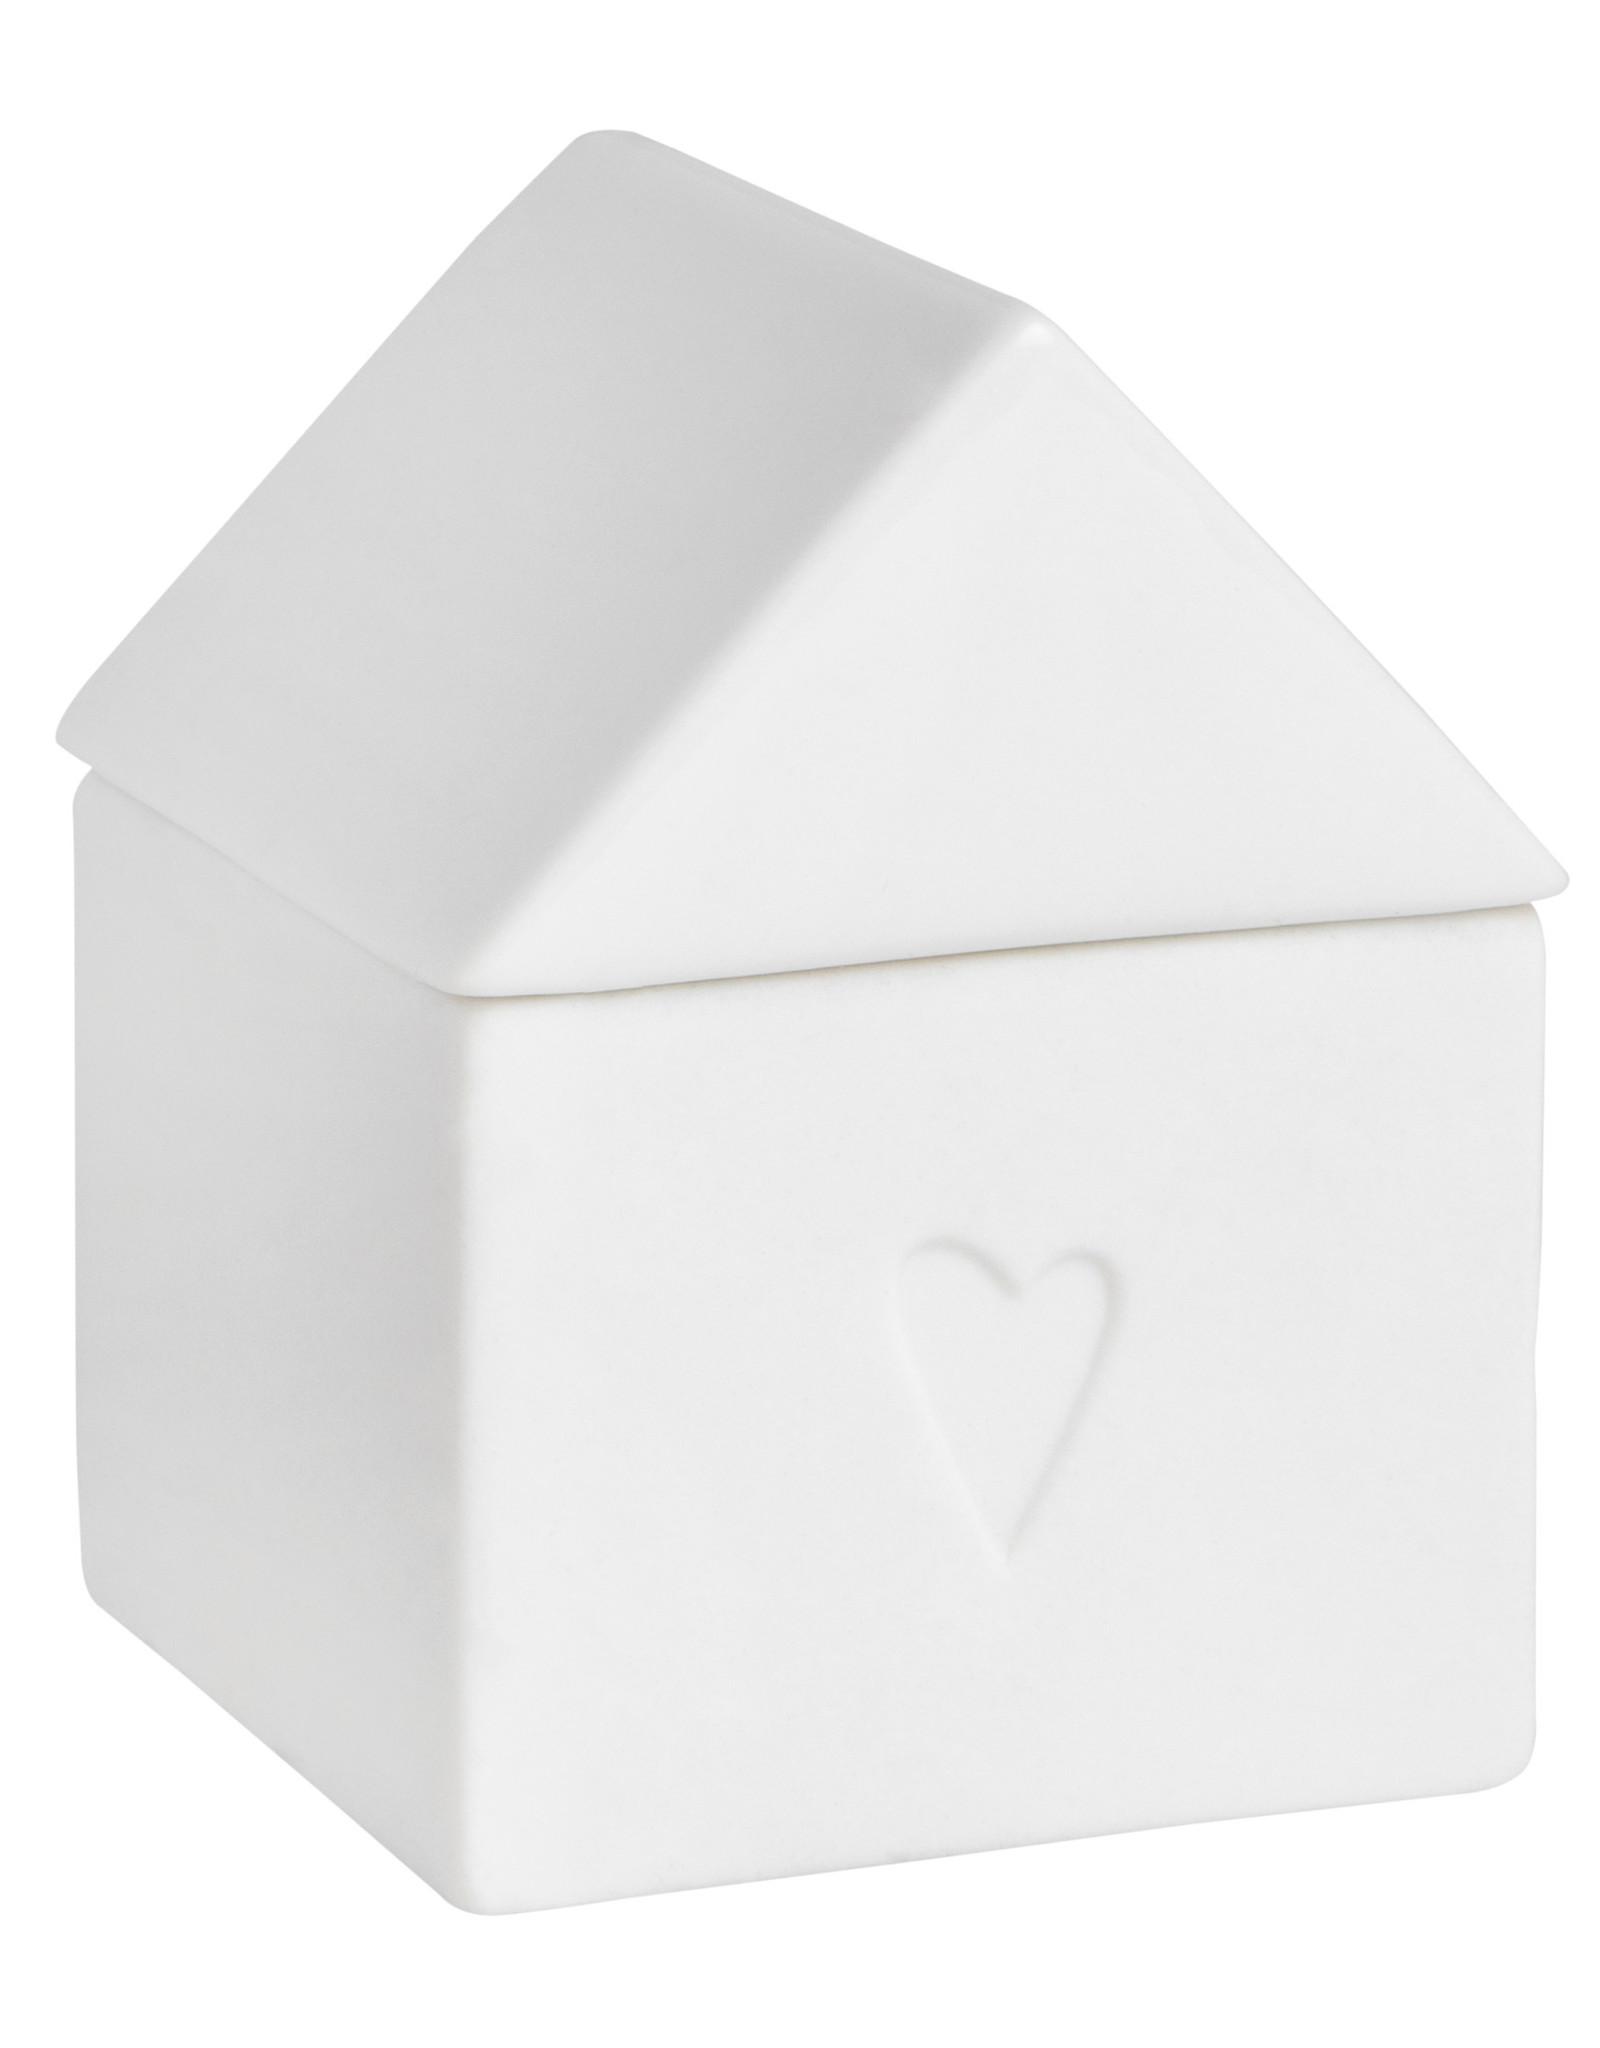 Raeder Huisje voor kleine schatten small heart 5x5x7cm